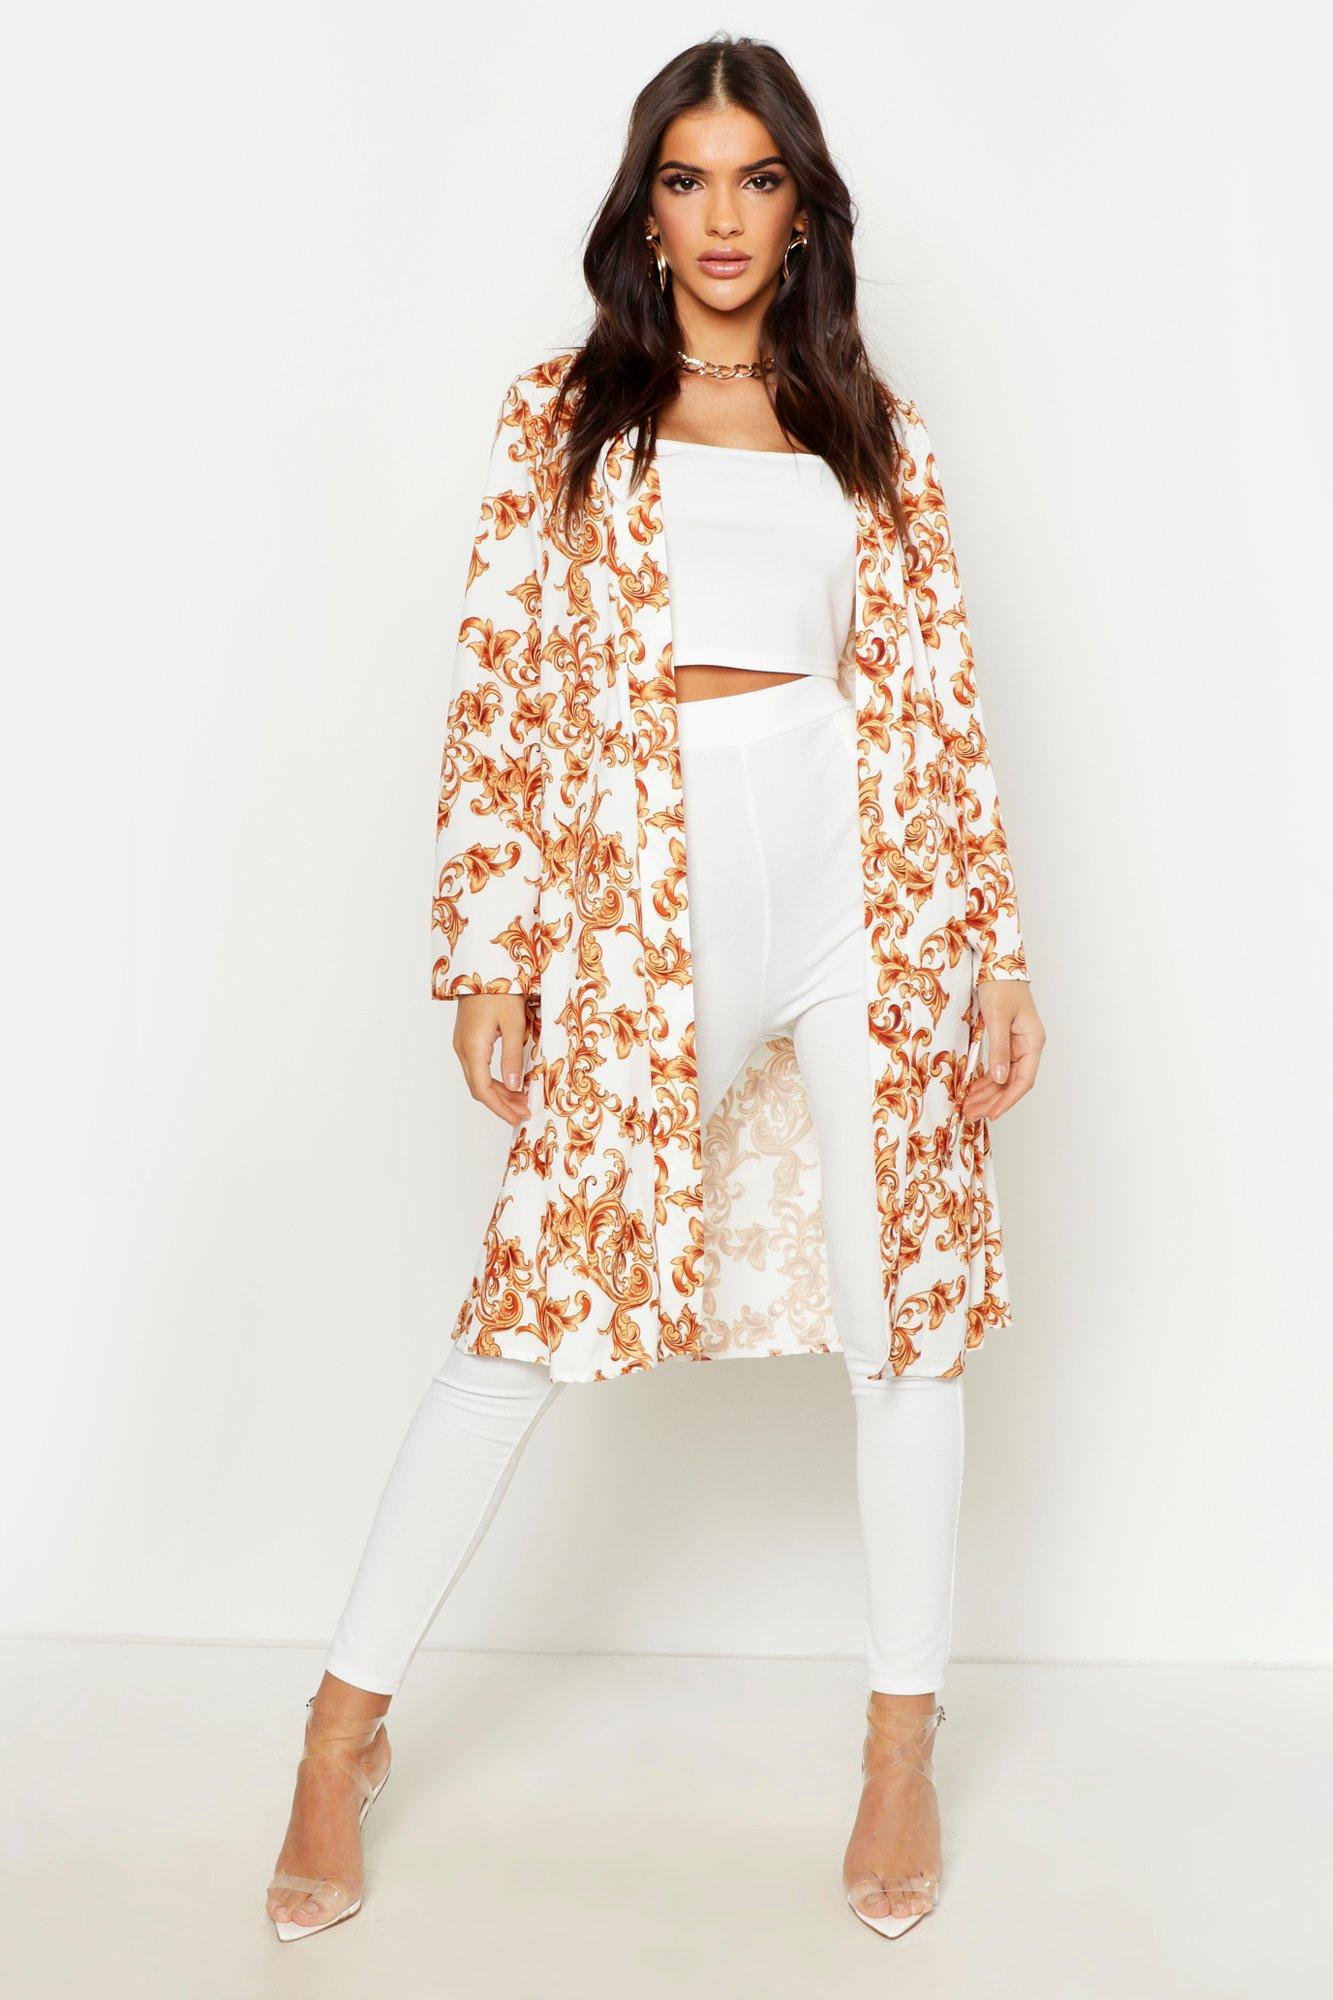 Womens Satin Chain Print Tie Kimono - white - 32, White - Boohoo.com